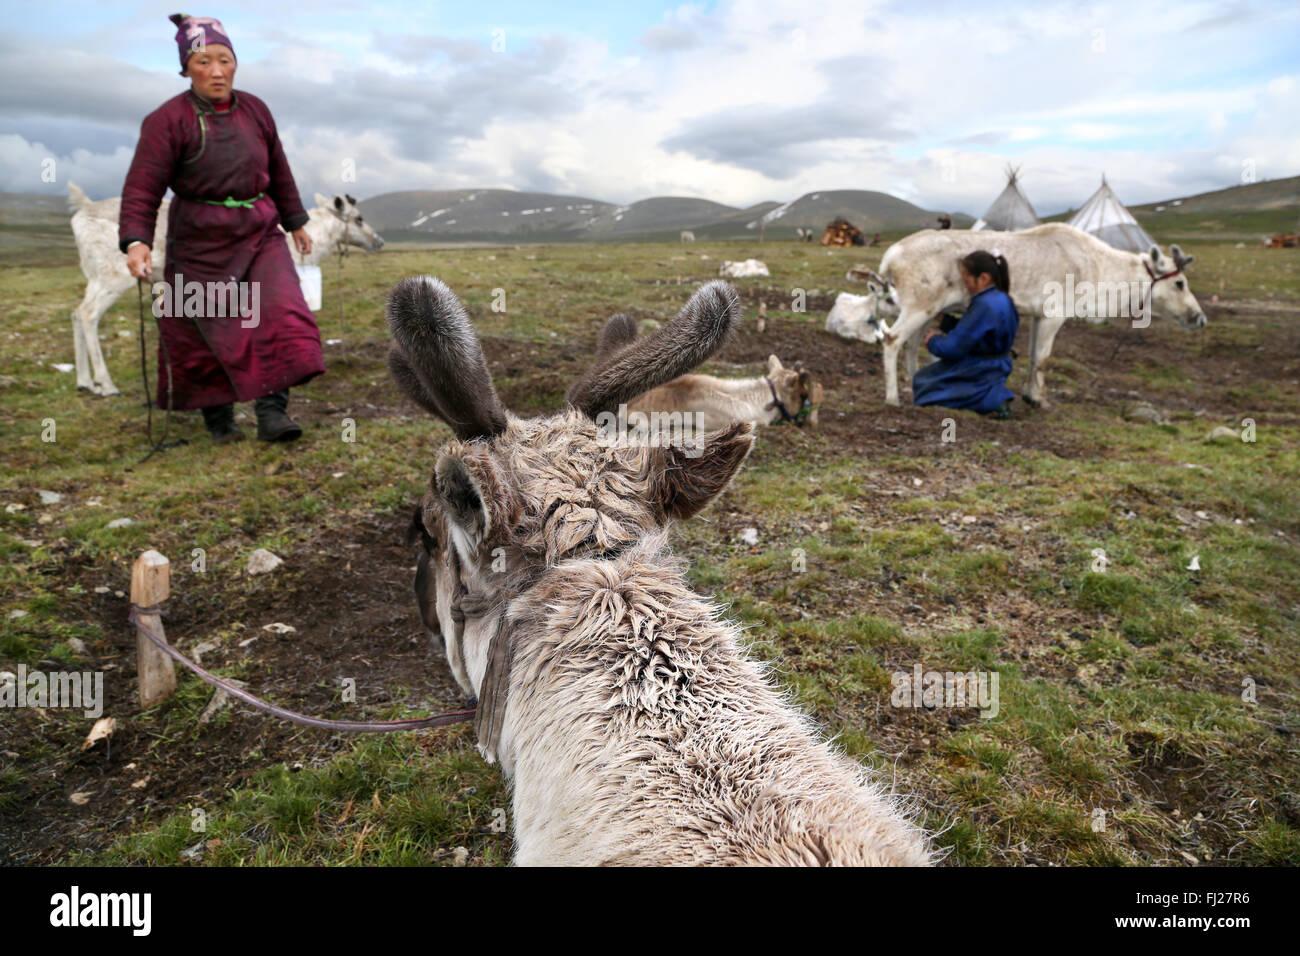 Woman milking reindeer, , Tsaatan Dukha people , nomadic reindeer herders , Mongolia - Stock Image